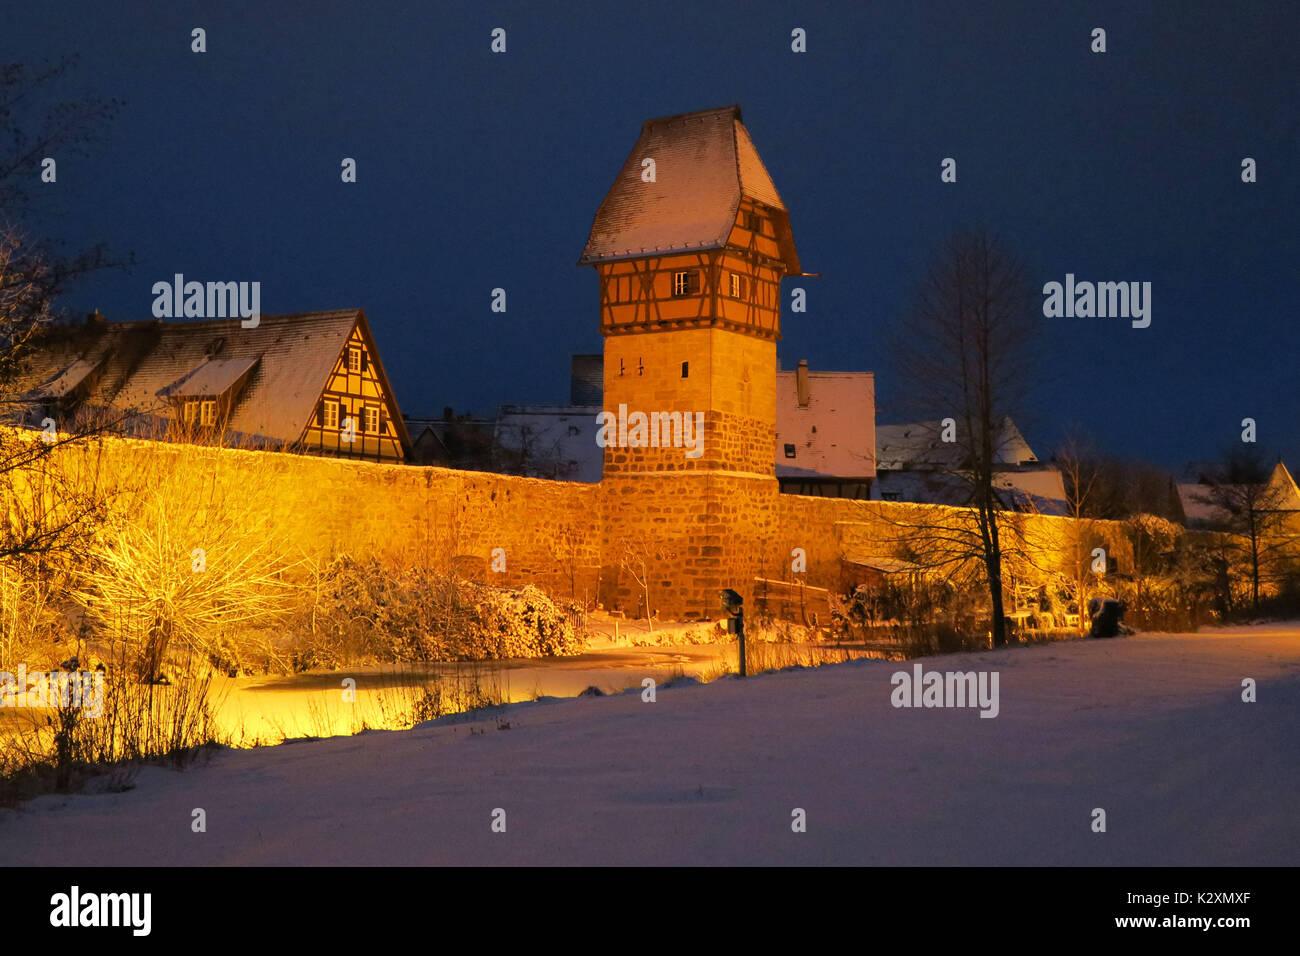 Dinkelsbuehl, Winter, Baeuerlinsturm, Stadtmauer, Beleuchtung, Stadtbeleuchtung, Mittelalter, historisch, Mittelfranken, - Stock Image